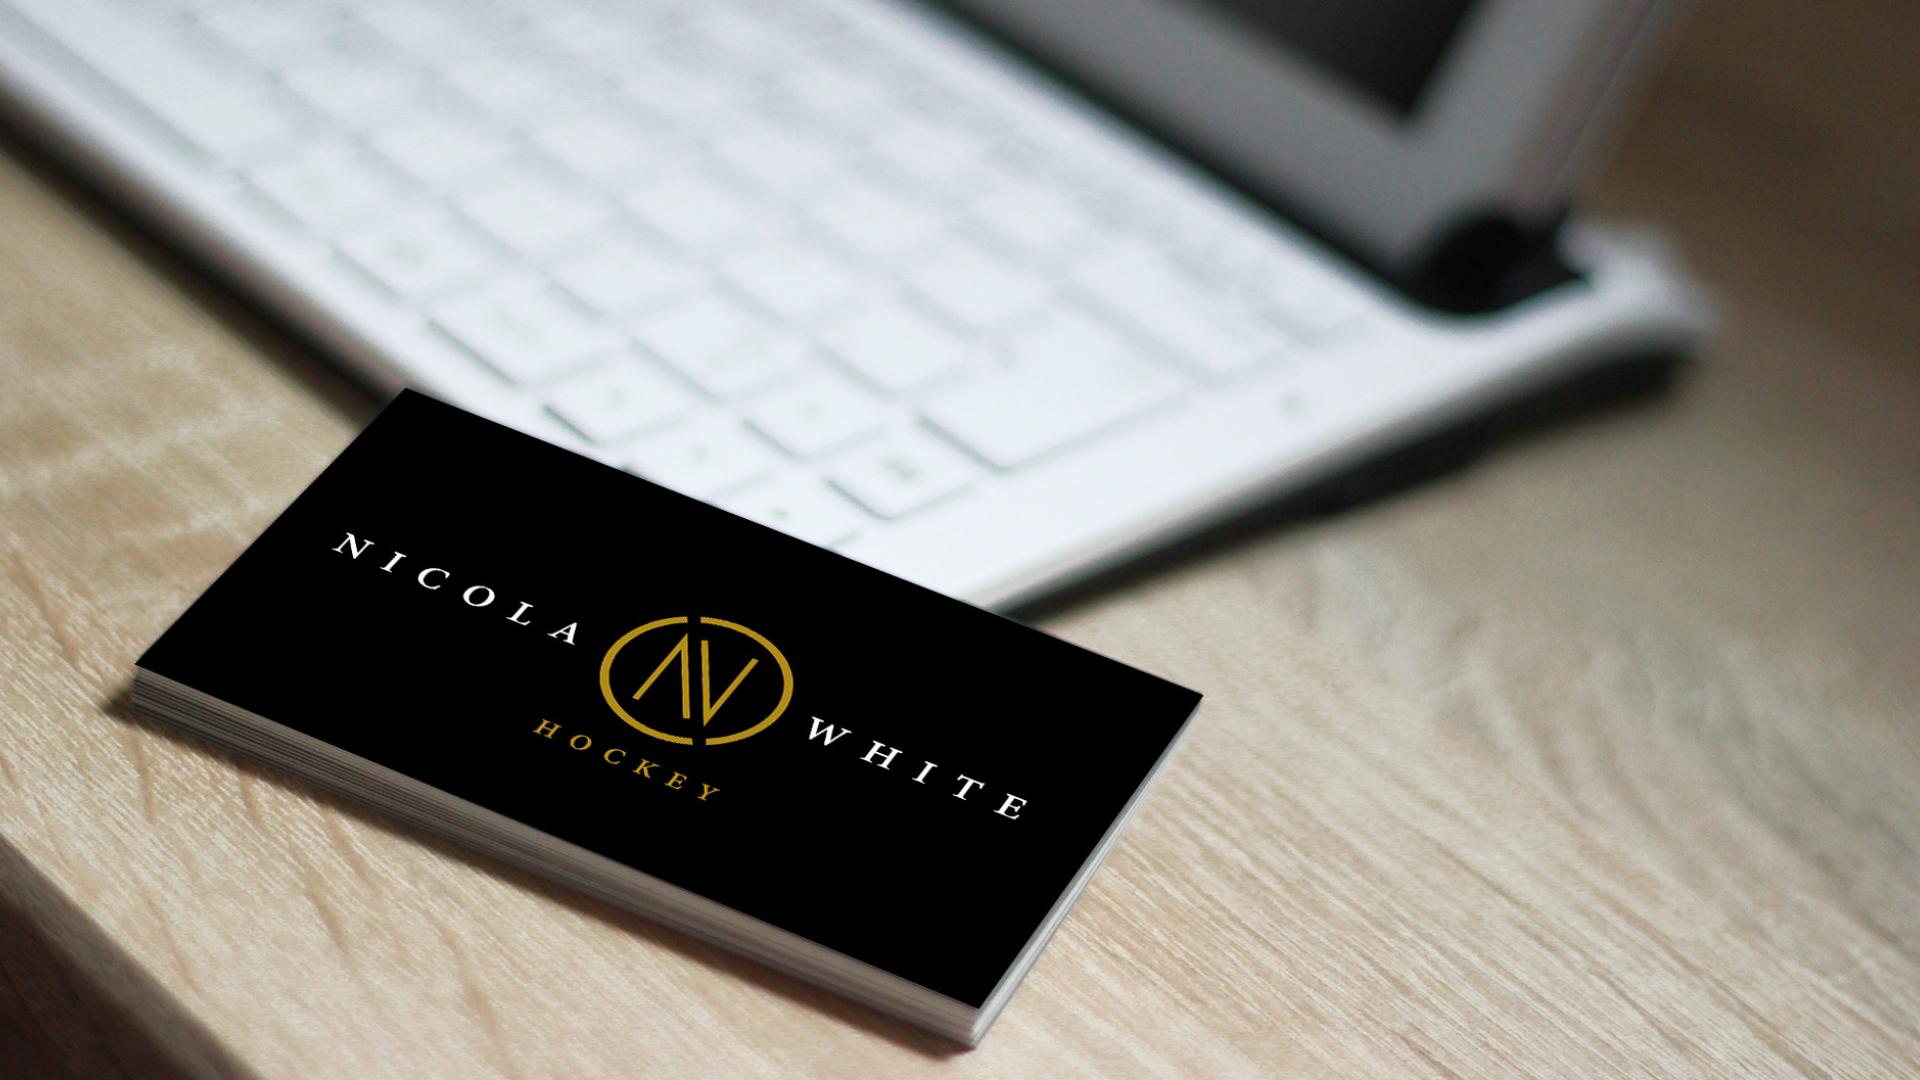 Nicola White Branding